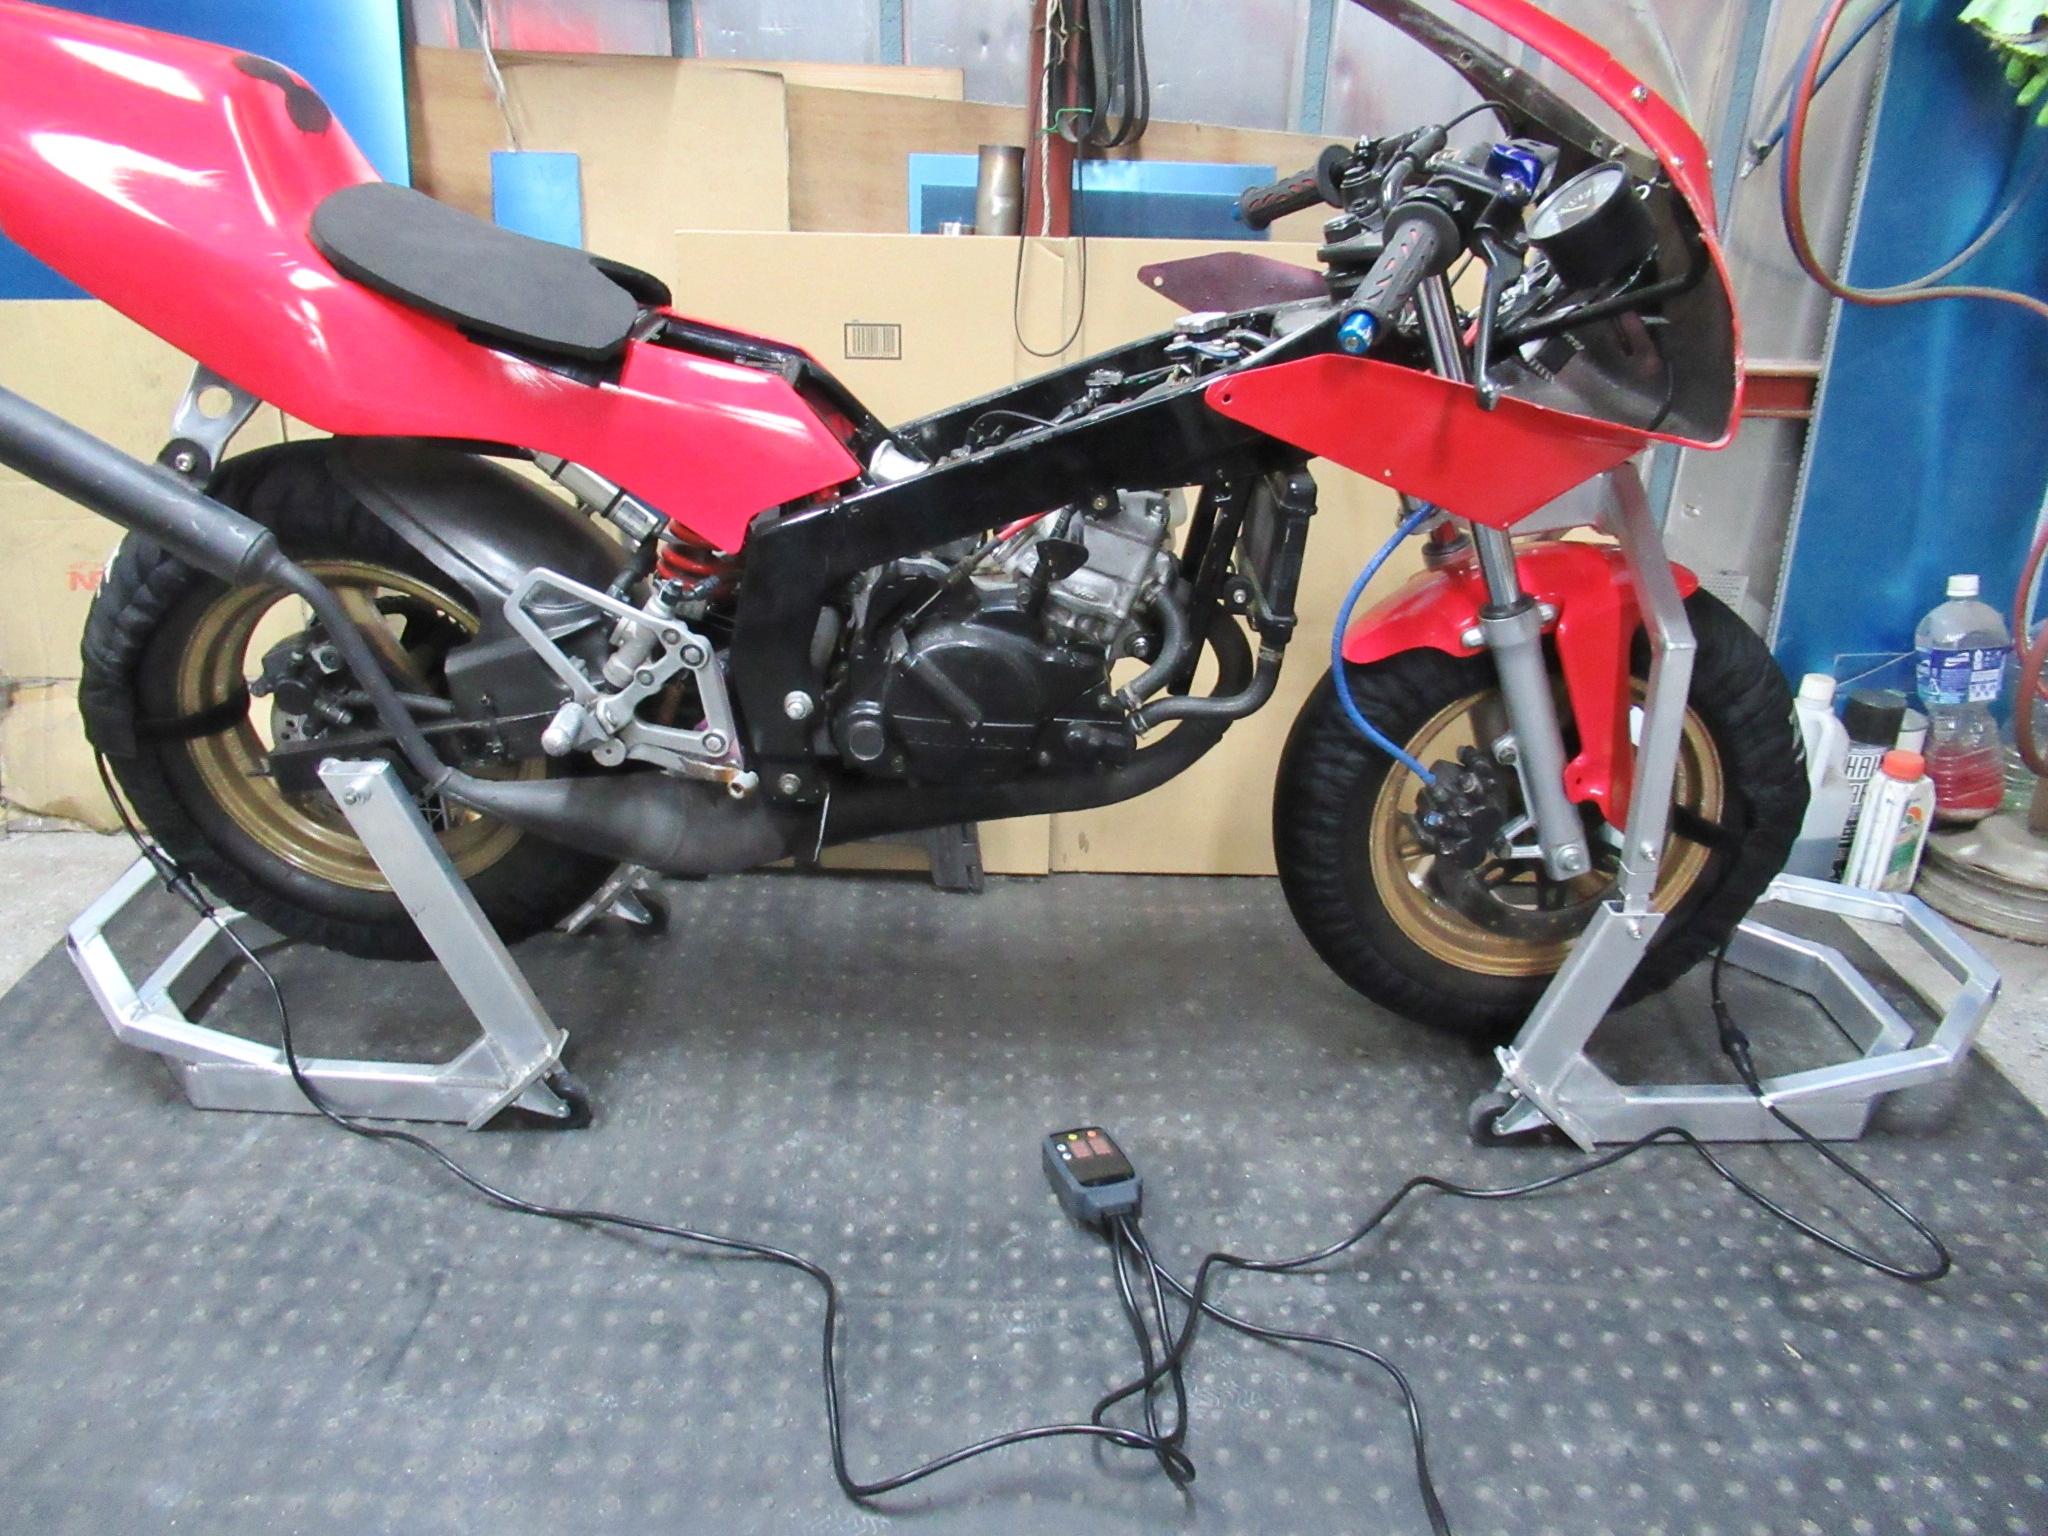 http://www.precious-factory.com/preciousfactory2010/IMG_0566.JPG